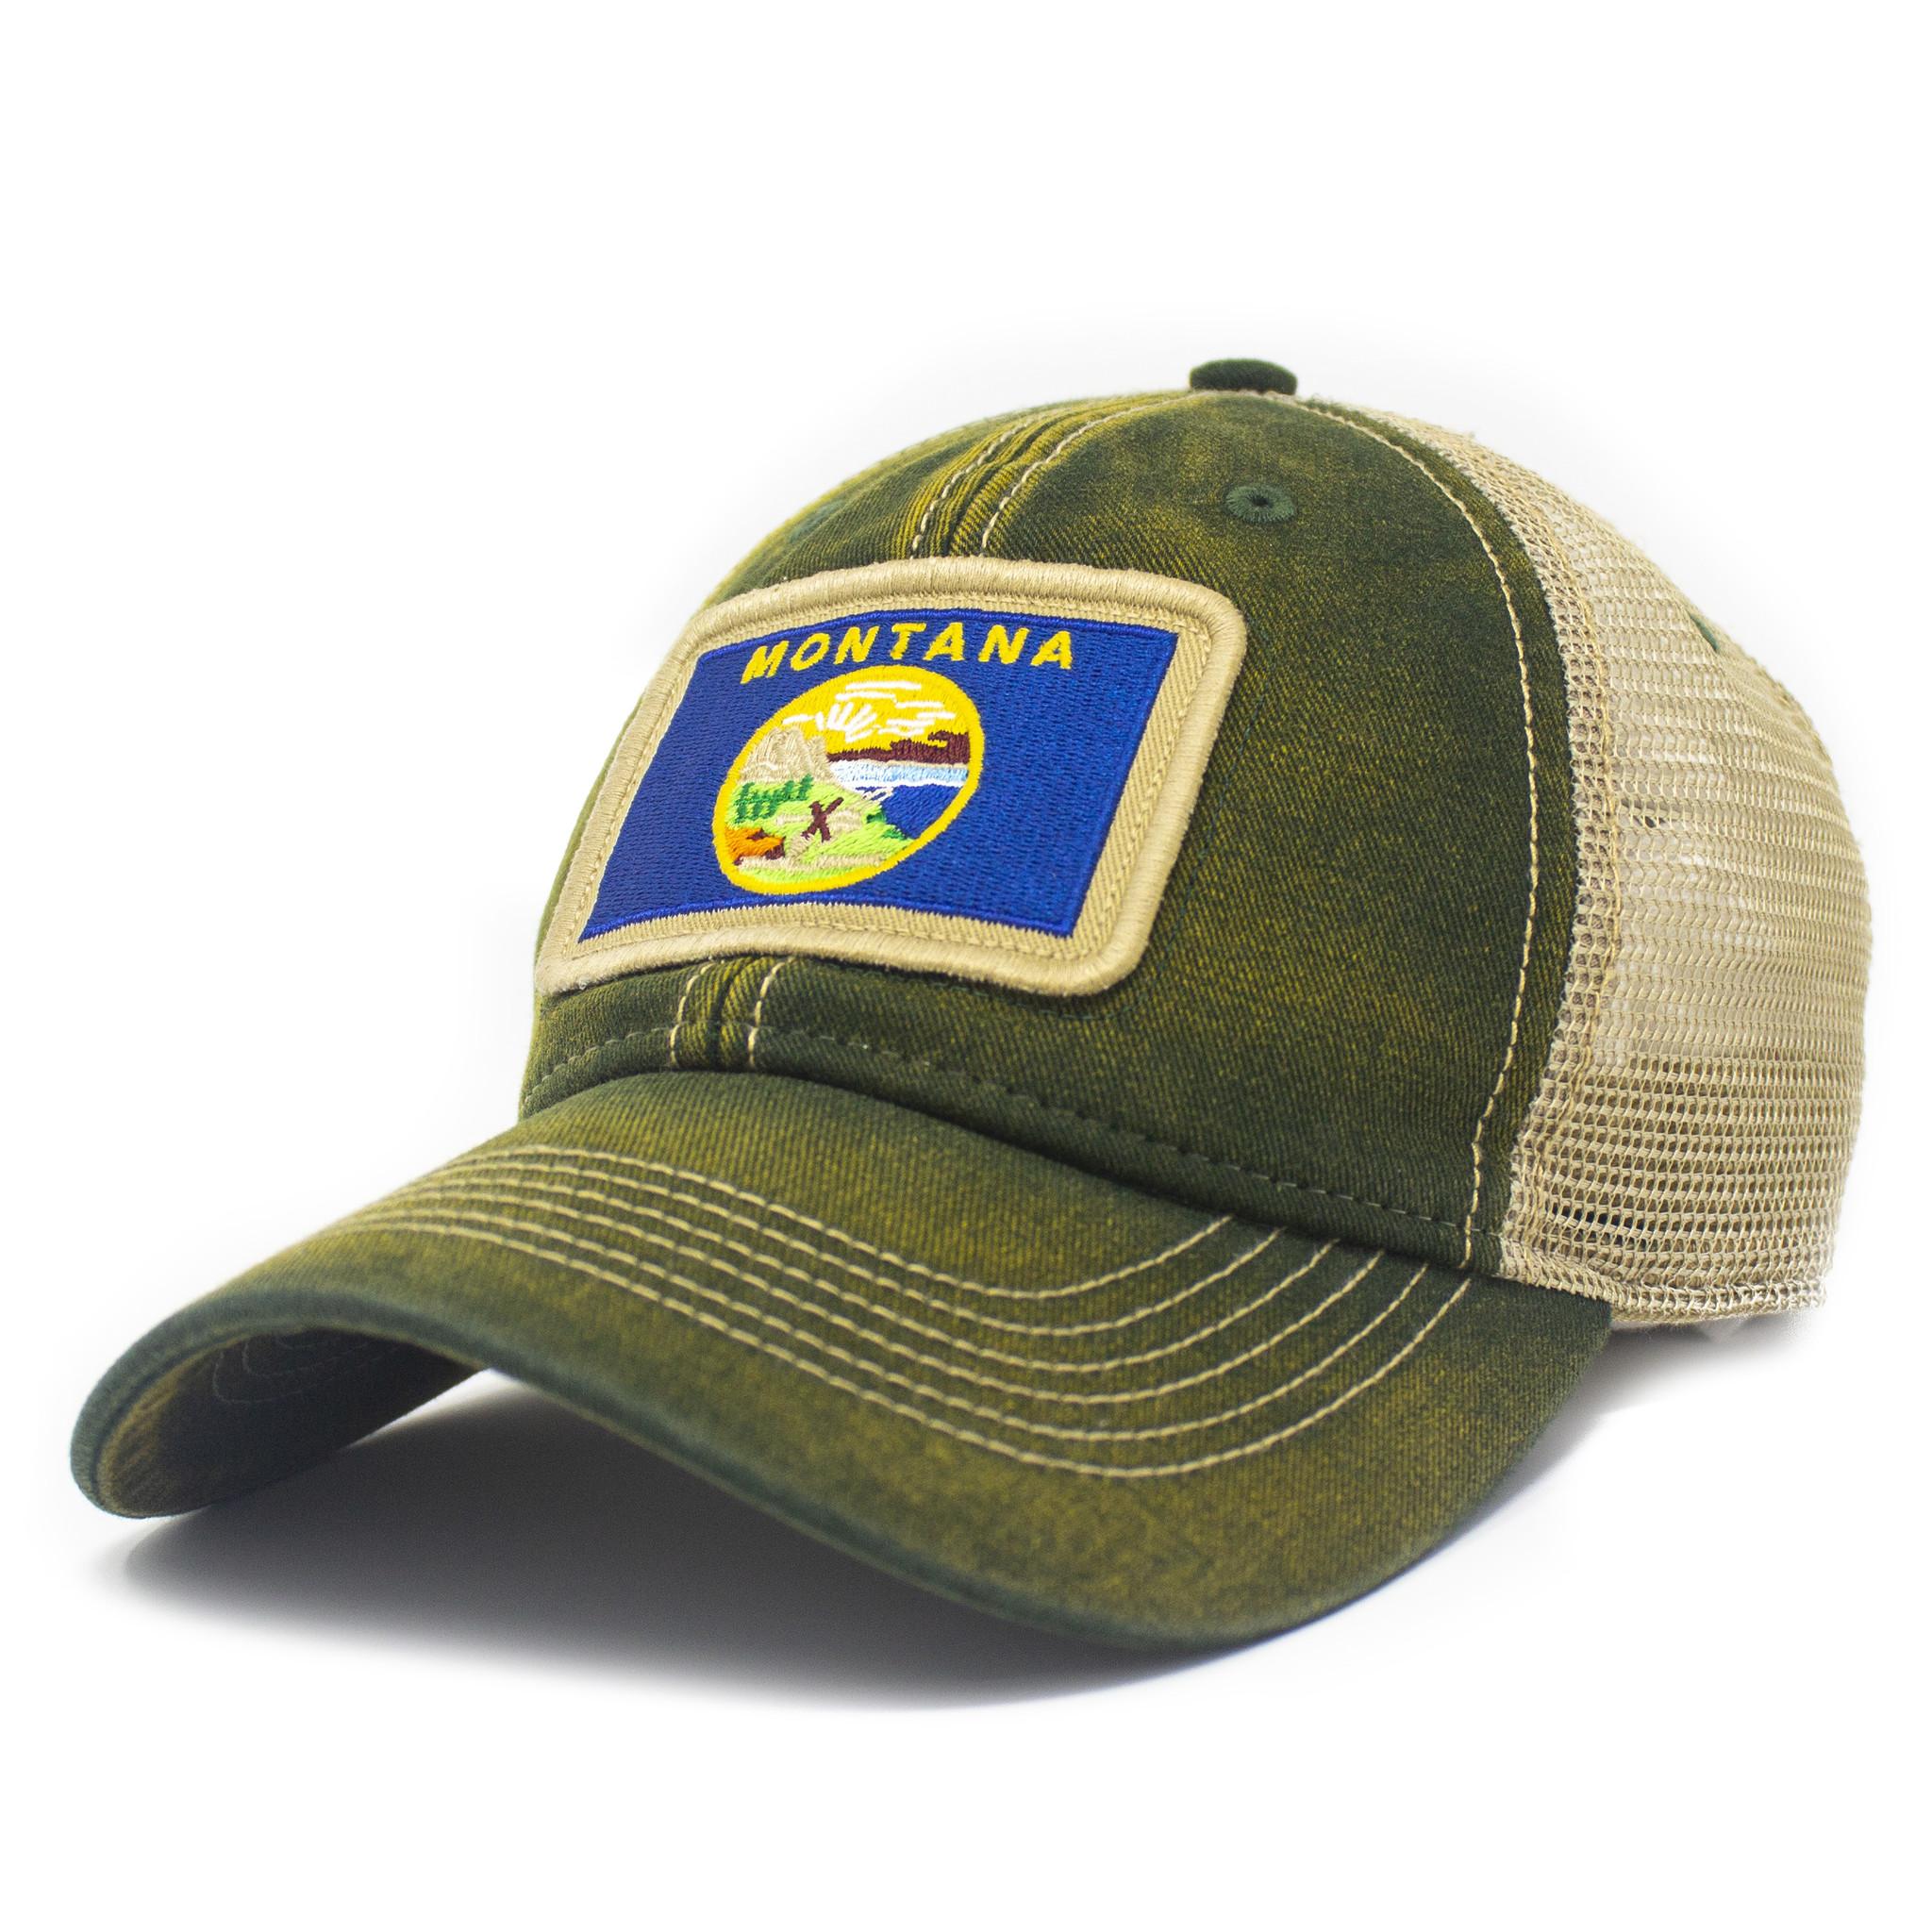 Montana Flag Patch Trucker Hat, Green-1